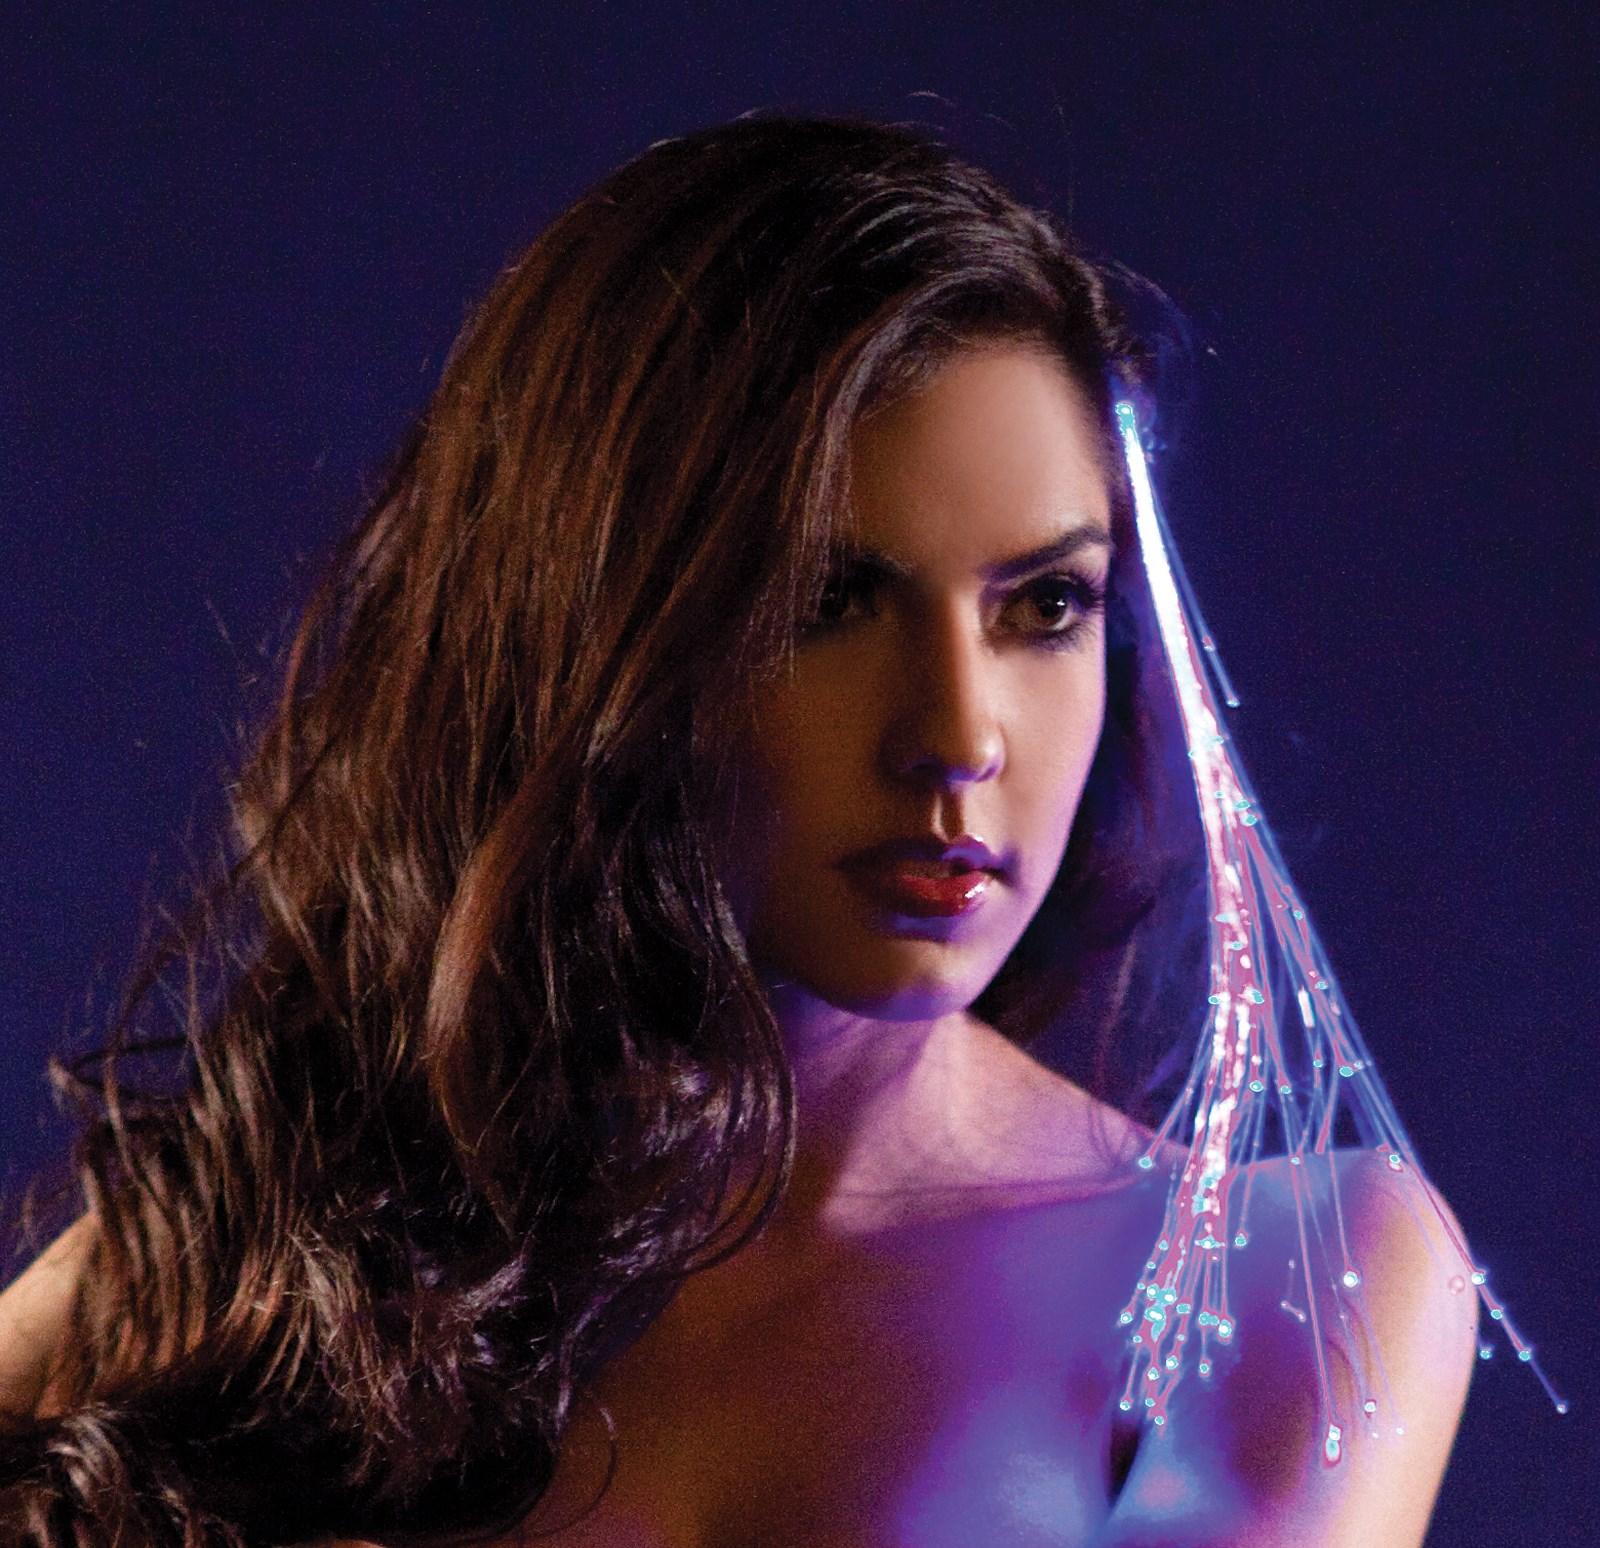 Blue Light Up Hairclip For Girls